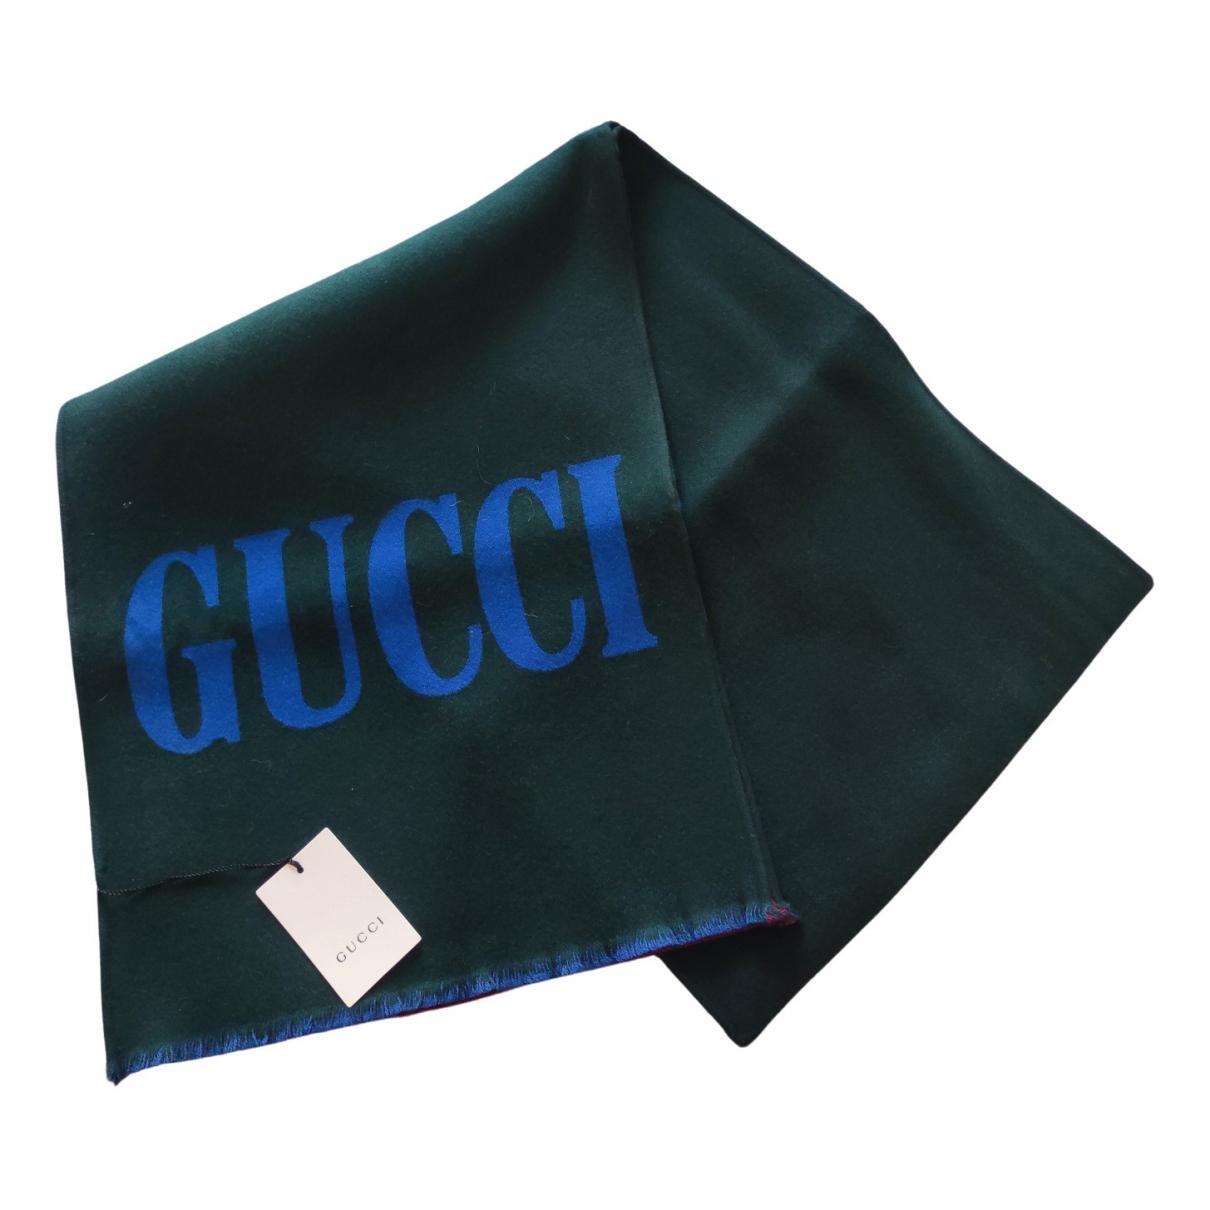 Estola de Lana Gucci